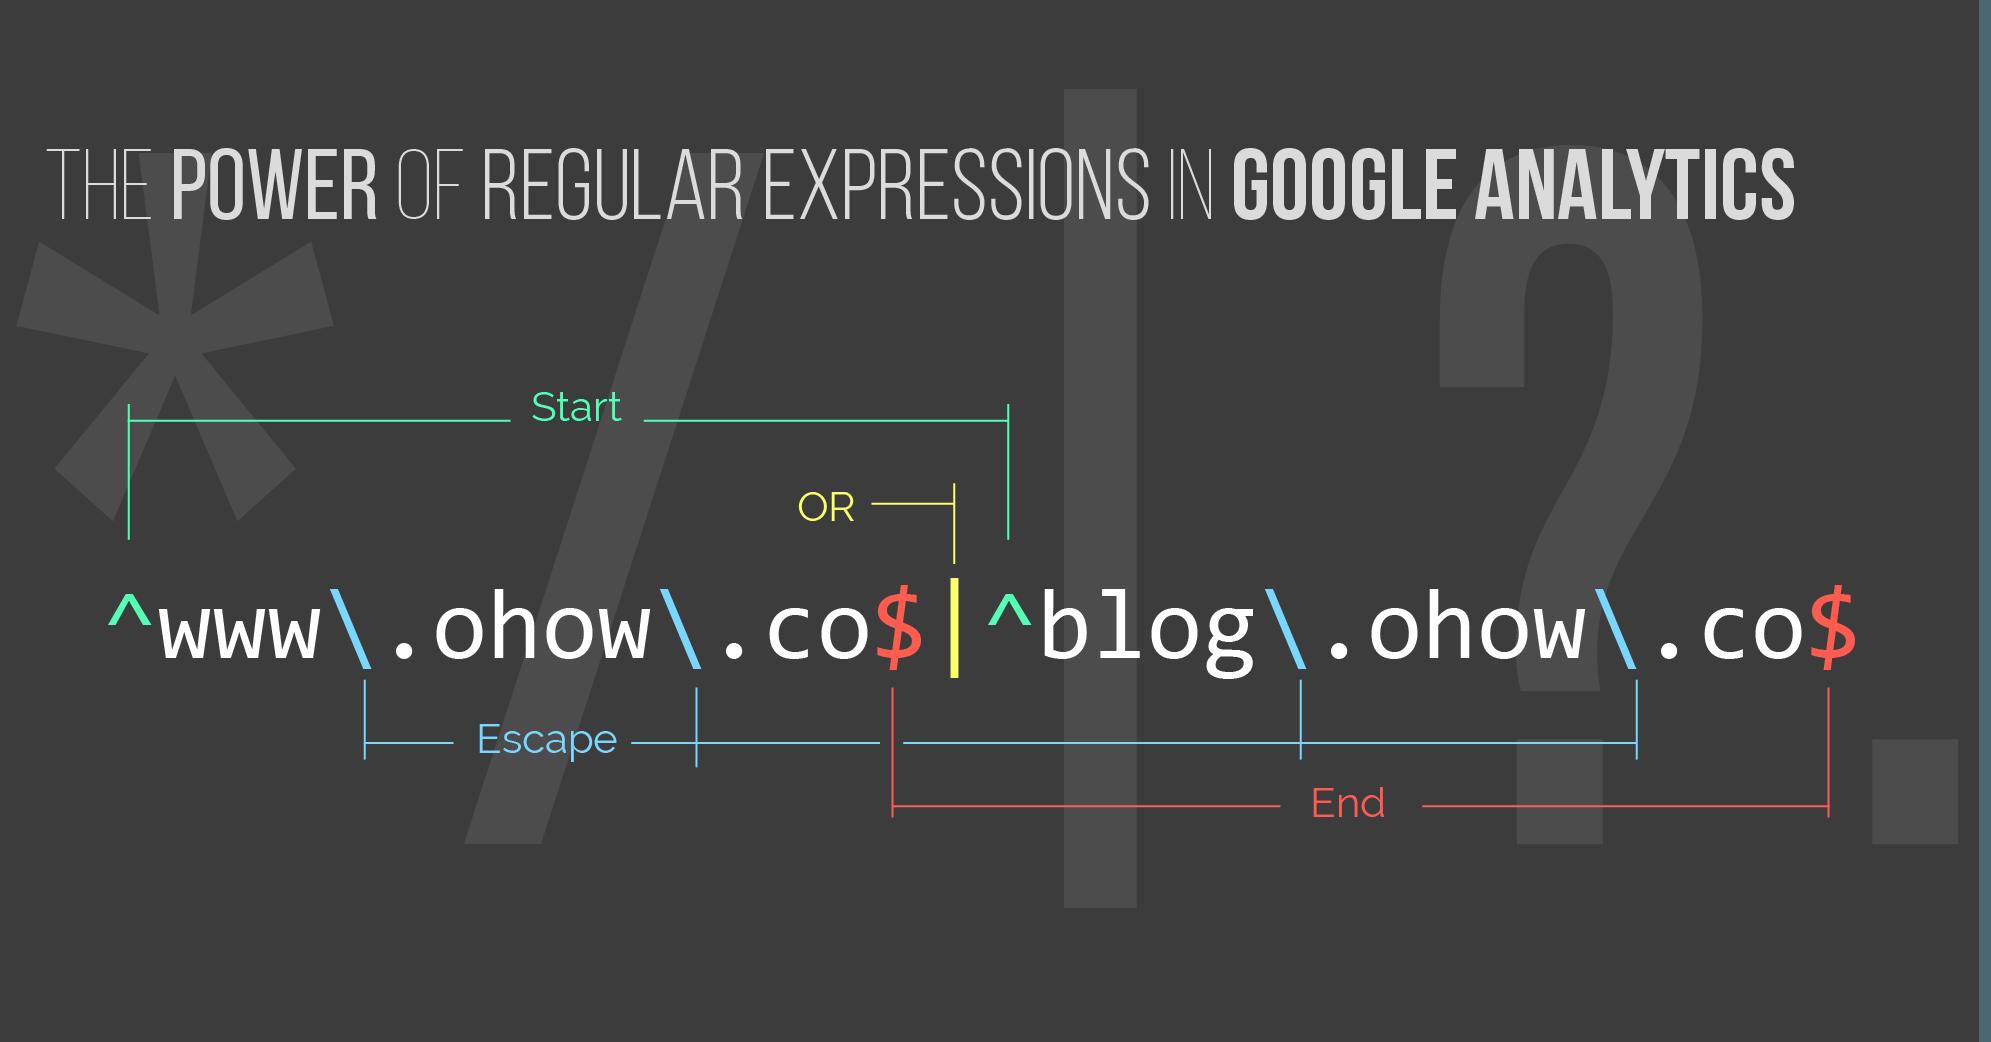 Google Analytics'de Düzenli İfadeler (Regular Expression) Nasıl Kullanılır?